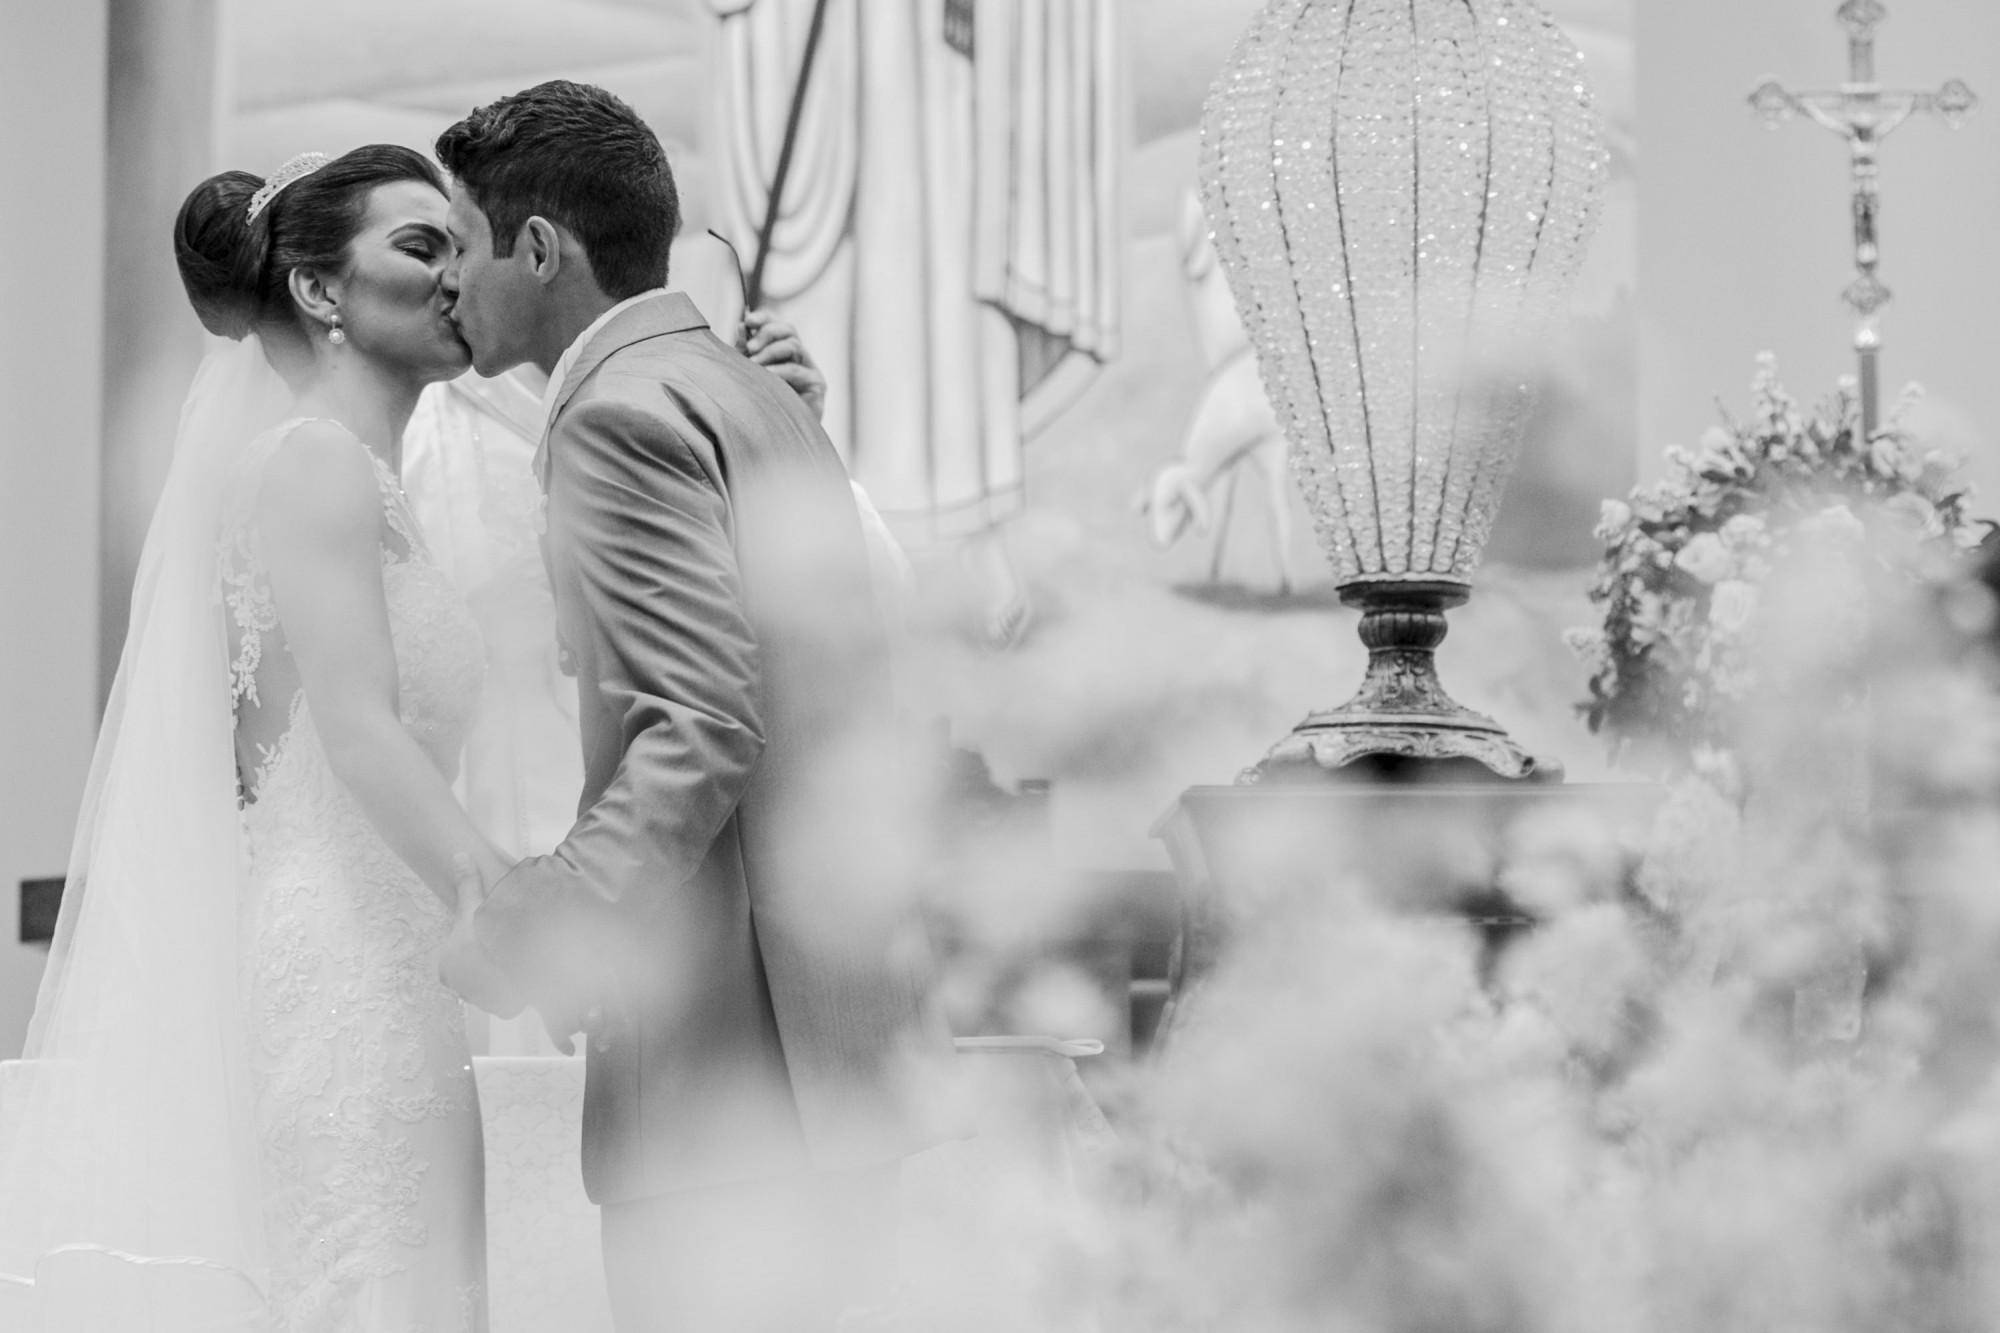 Casamento Camila Rampim e Rafael em Terra Roxa - Paraná - por Lorran Souza e Léia Sotile - fotografos de casamentos - 35